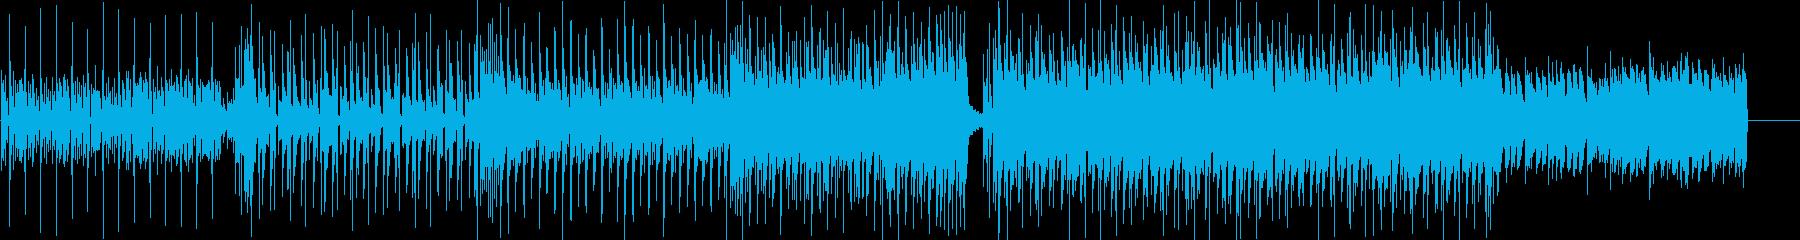 洋楽、K-POP、トラップソウル aの再生済みの波形